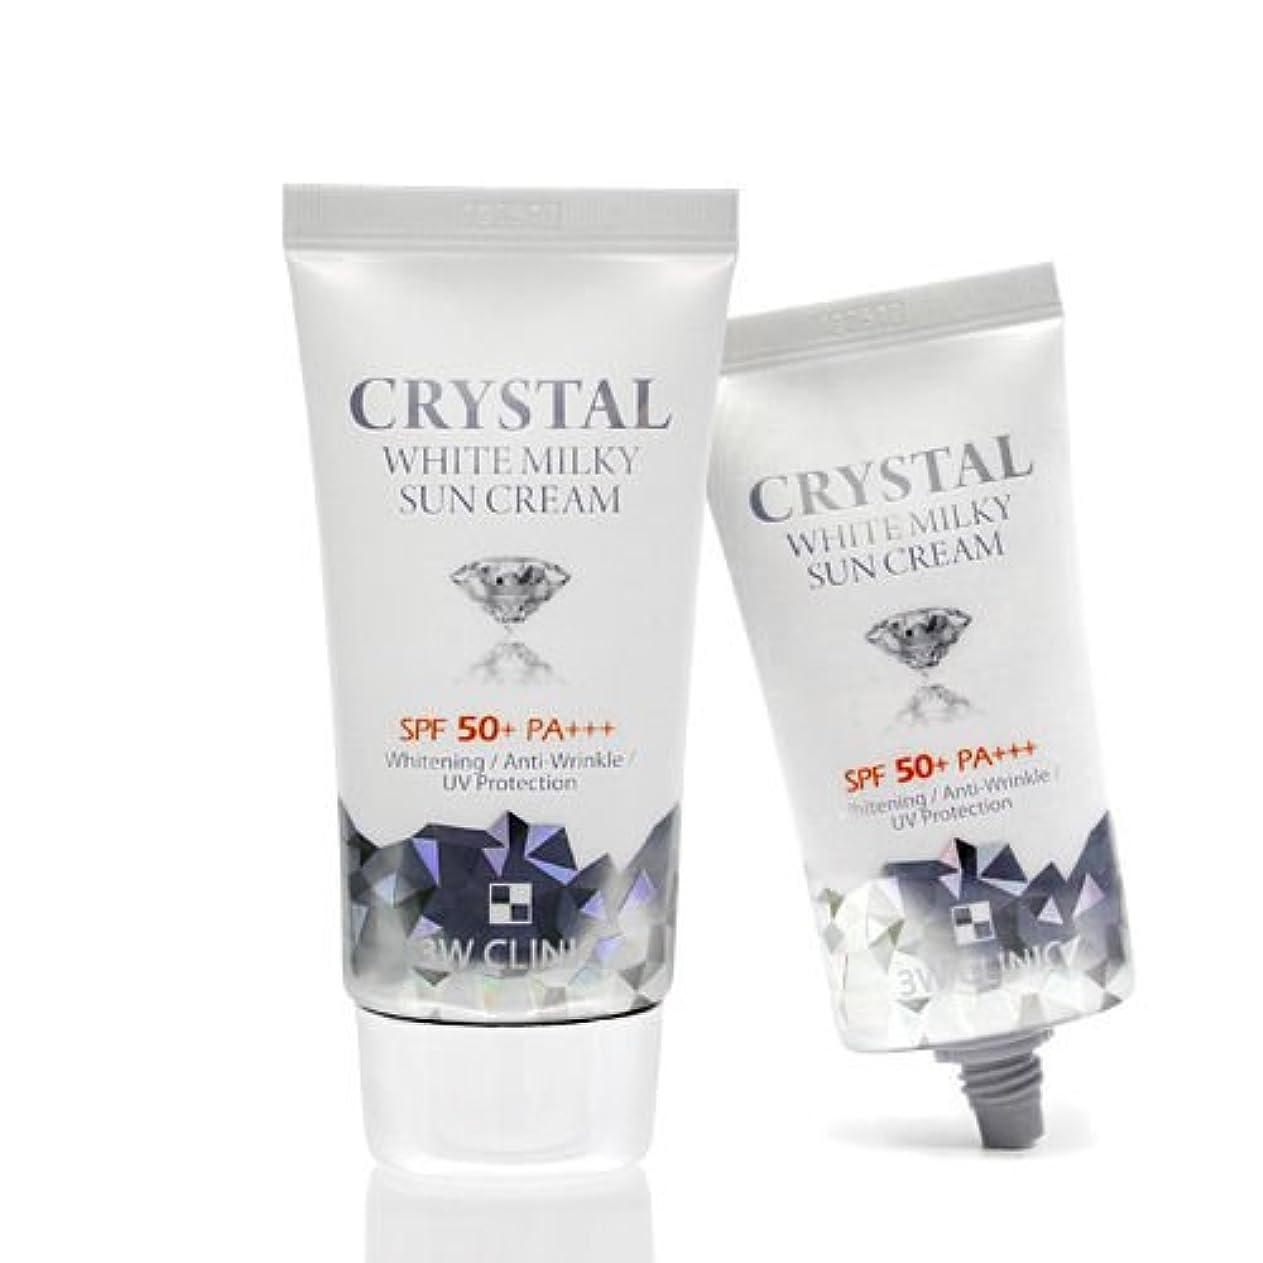 飛ぶ皮肉な満たす3Wクリニック[韓国コスメ3w Clinic]Crystal White Milky Sun Cream クリスタルホワイトミルキー 日焼け止めクリーム50ml[並行輸入品]